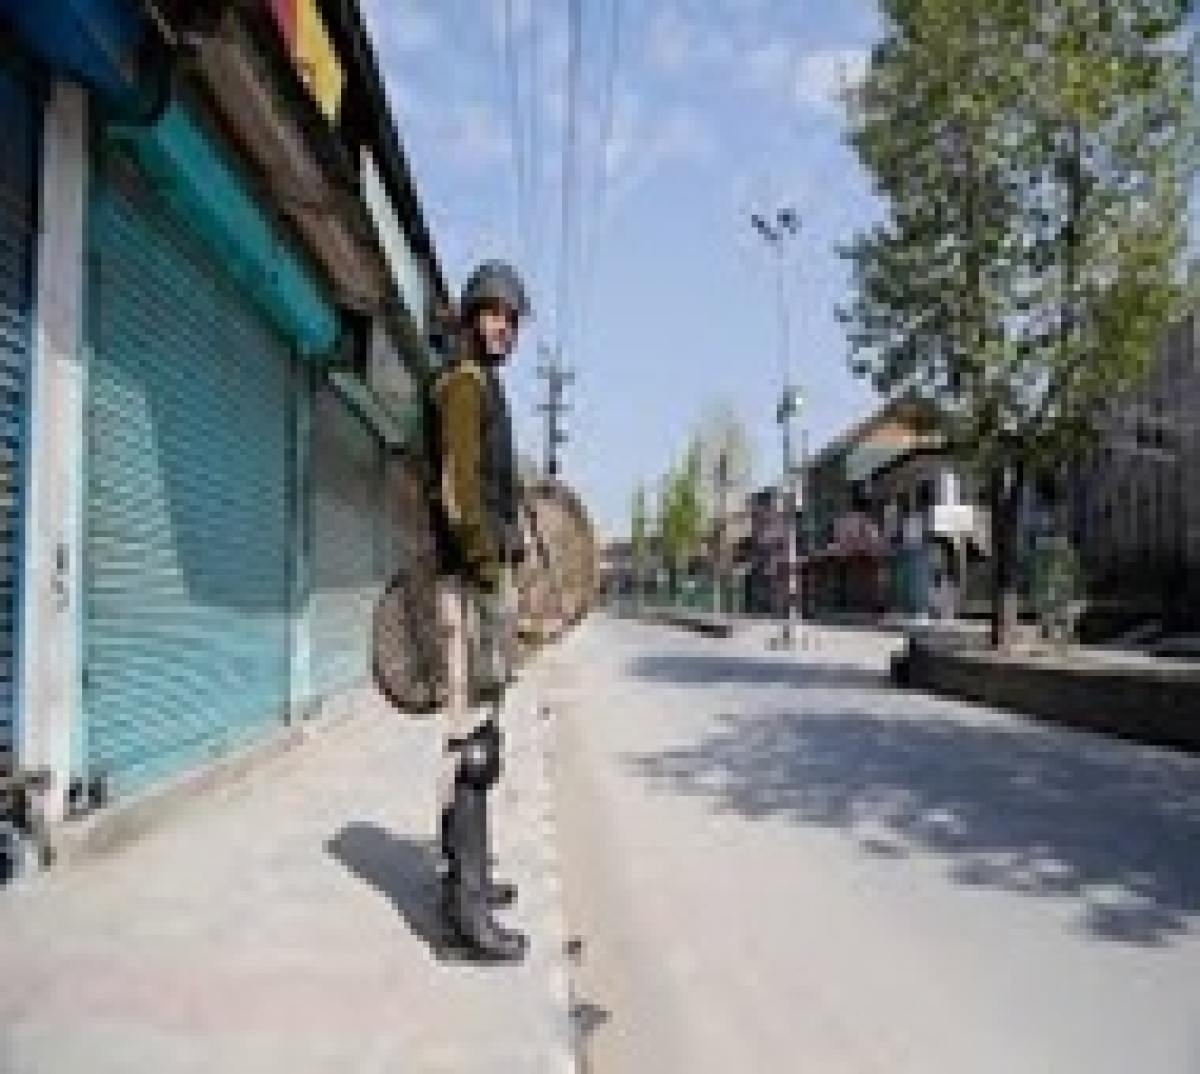 Curfew reimposed in Handwara